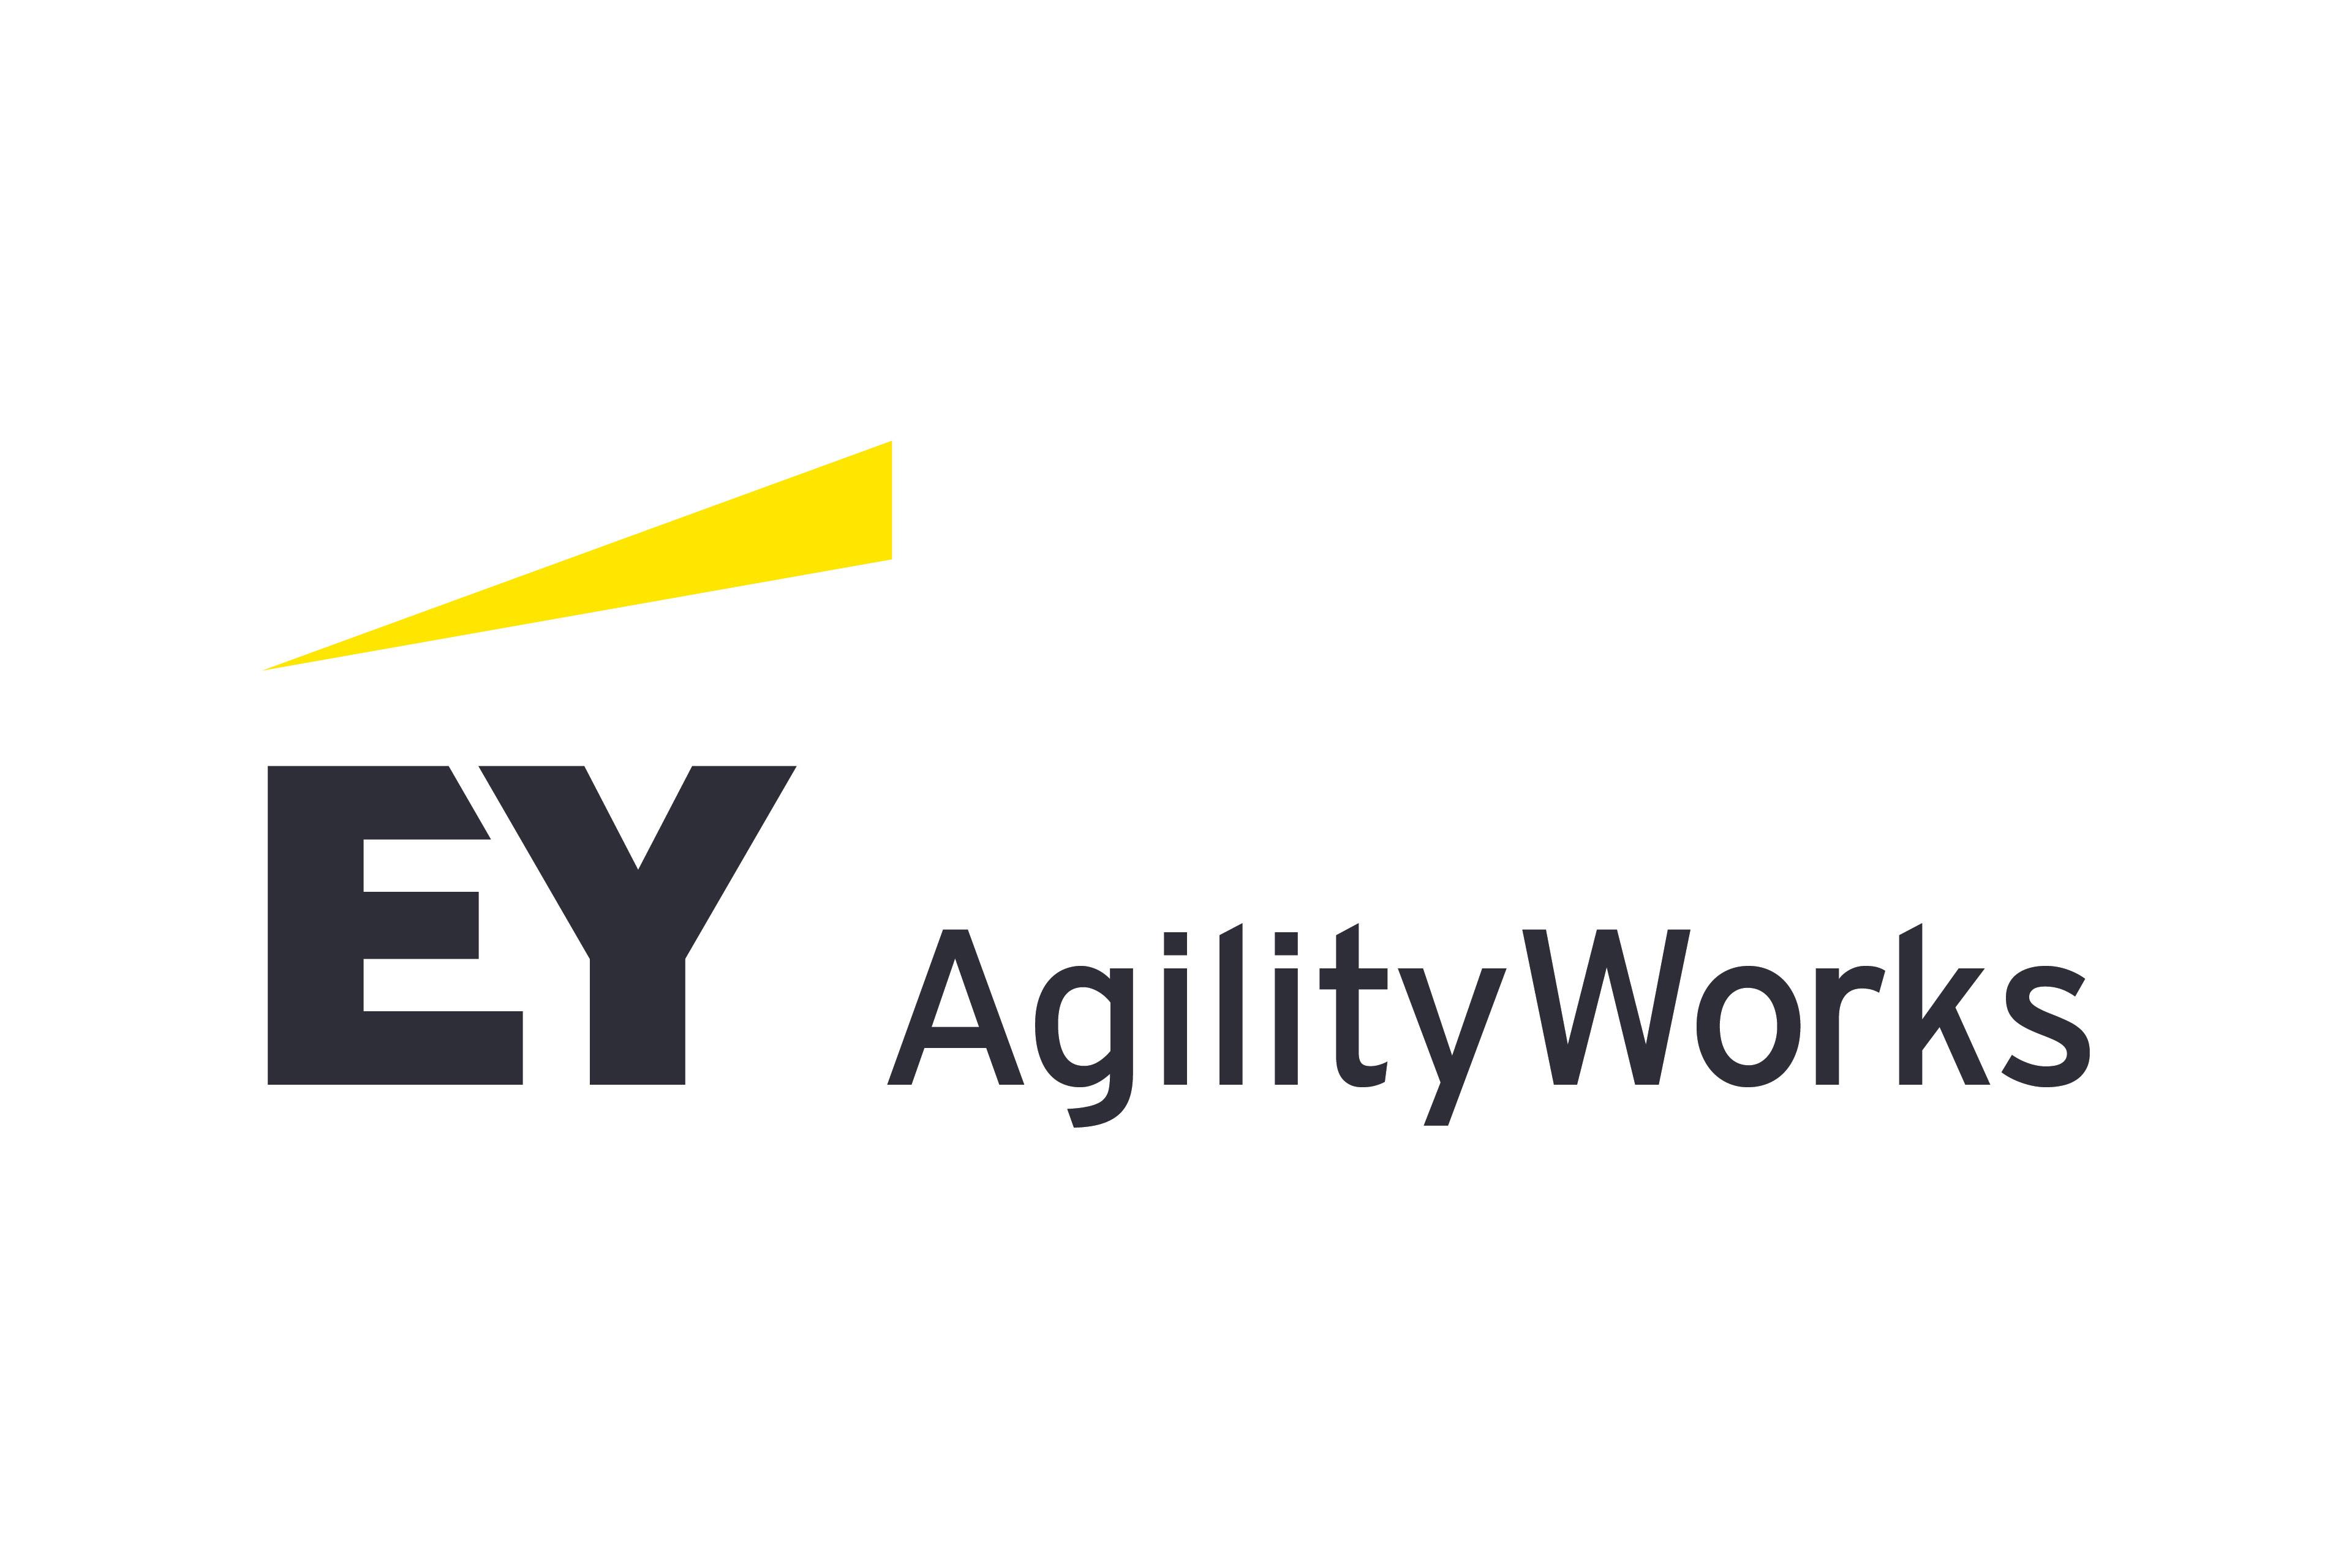 EY AgilityWorks logo